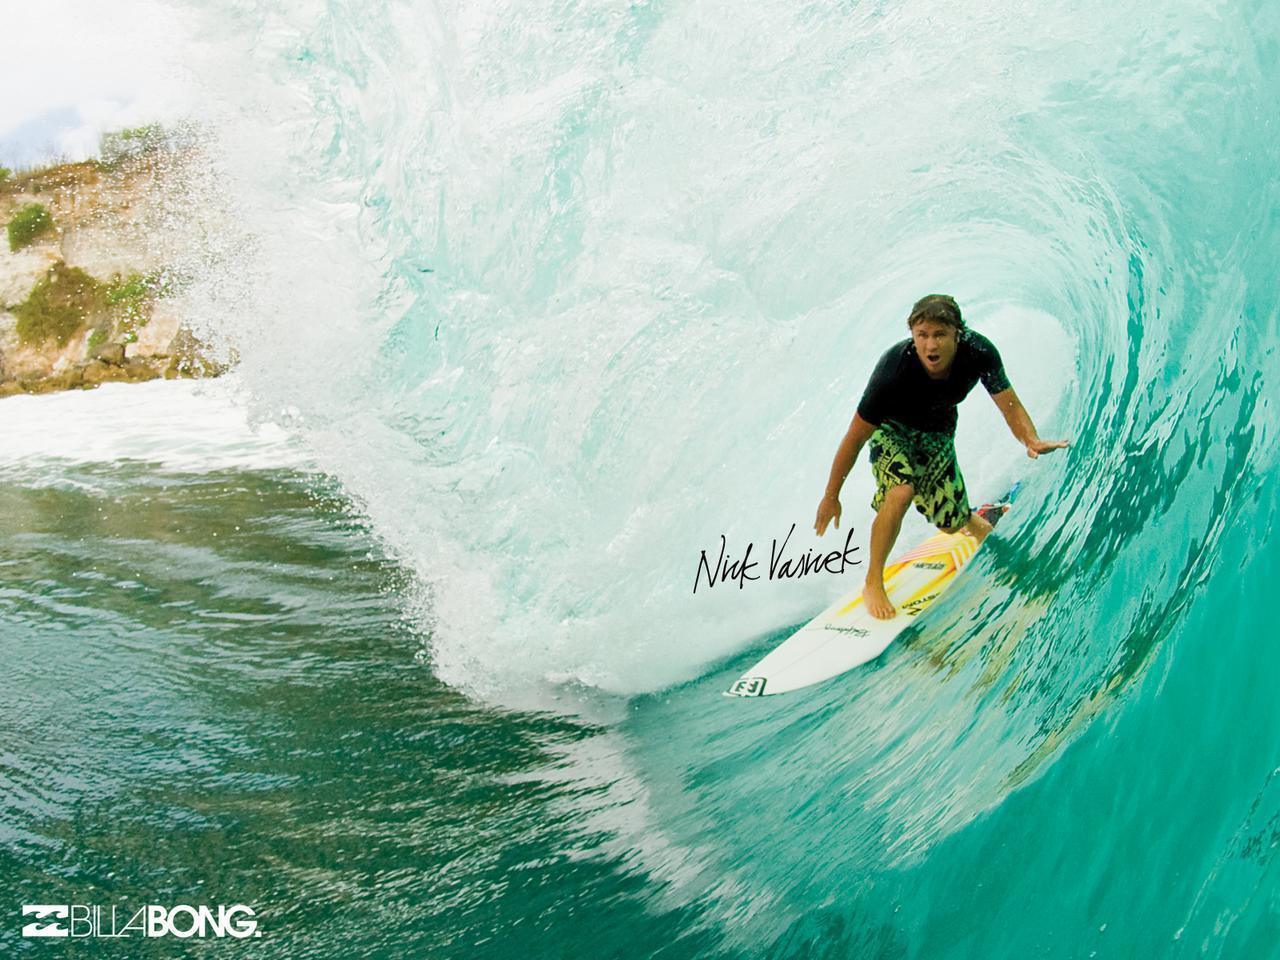 Billabong Surfing Wallpaper 1280x960